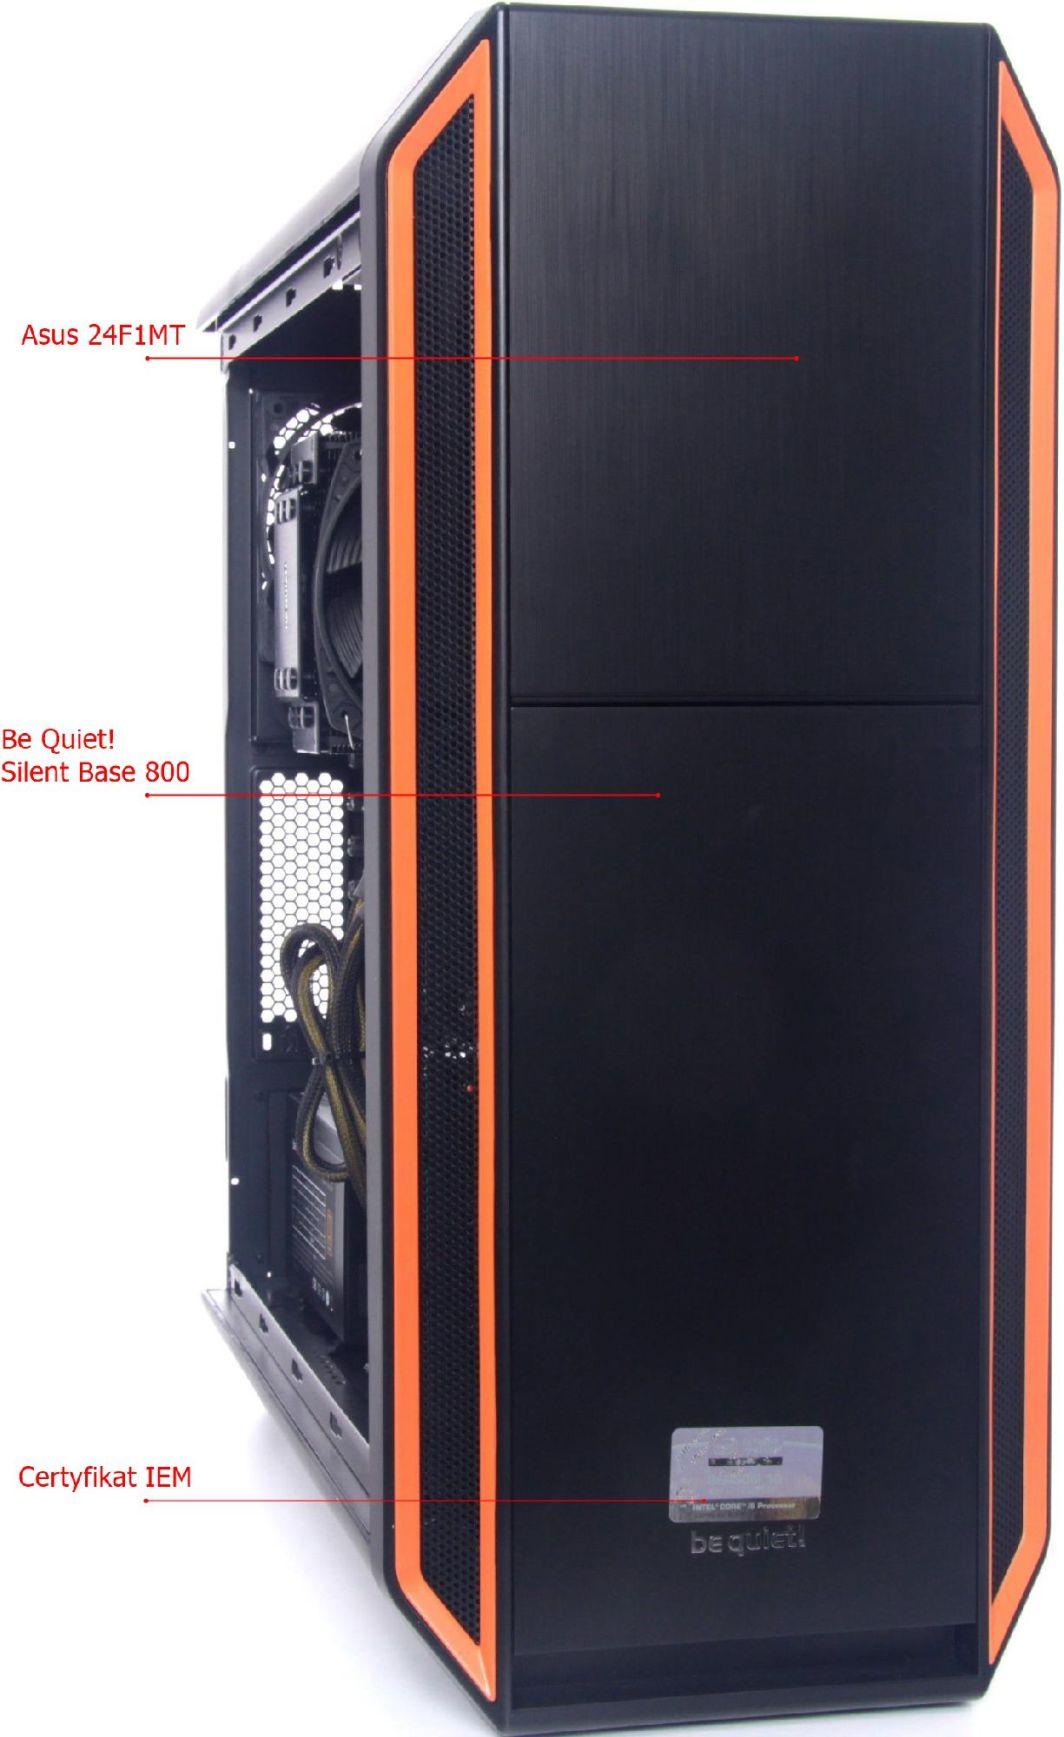 Komputer Core i5-6600K, 8 GB, GTX 960, 120 GB SSD 1 TB HDD Windows 10 Home 1